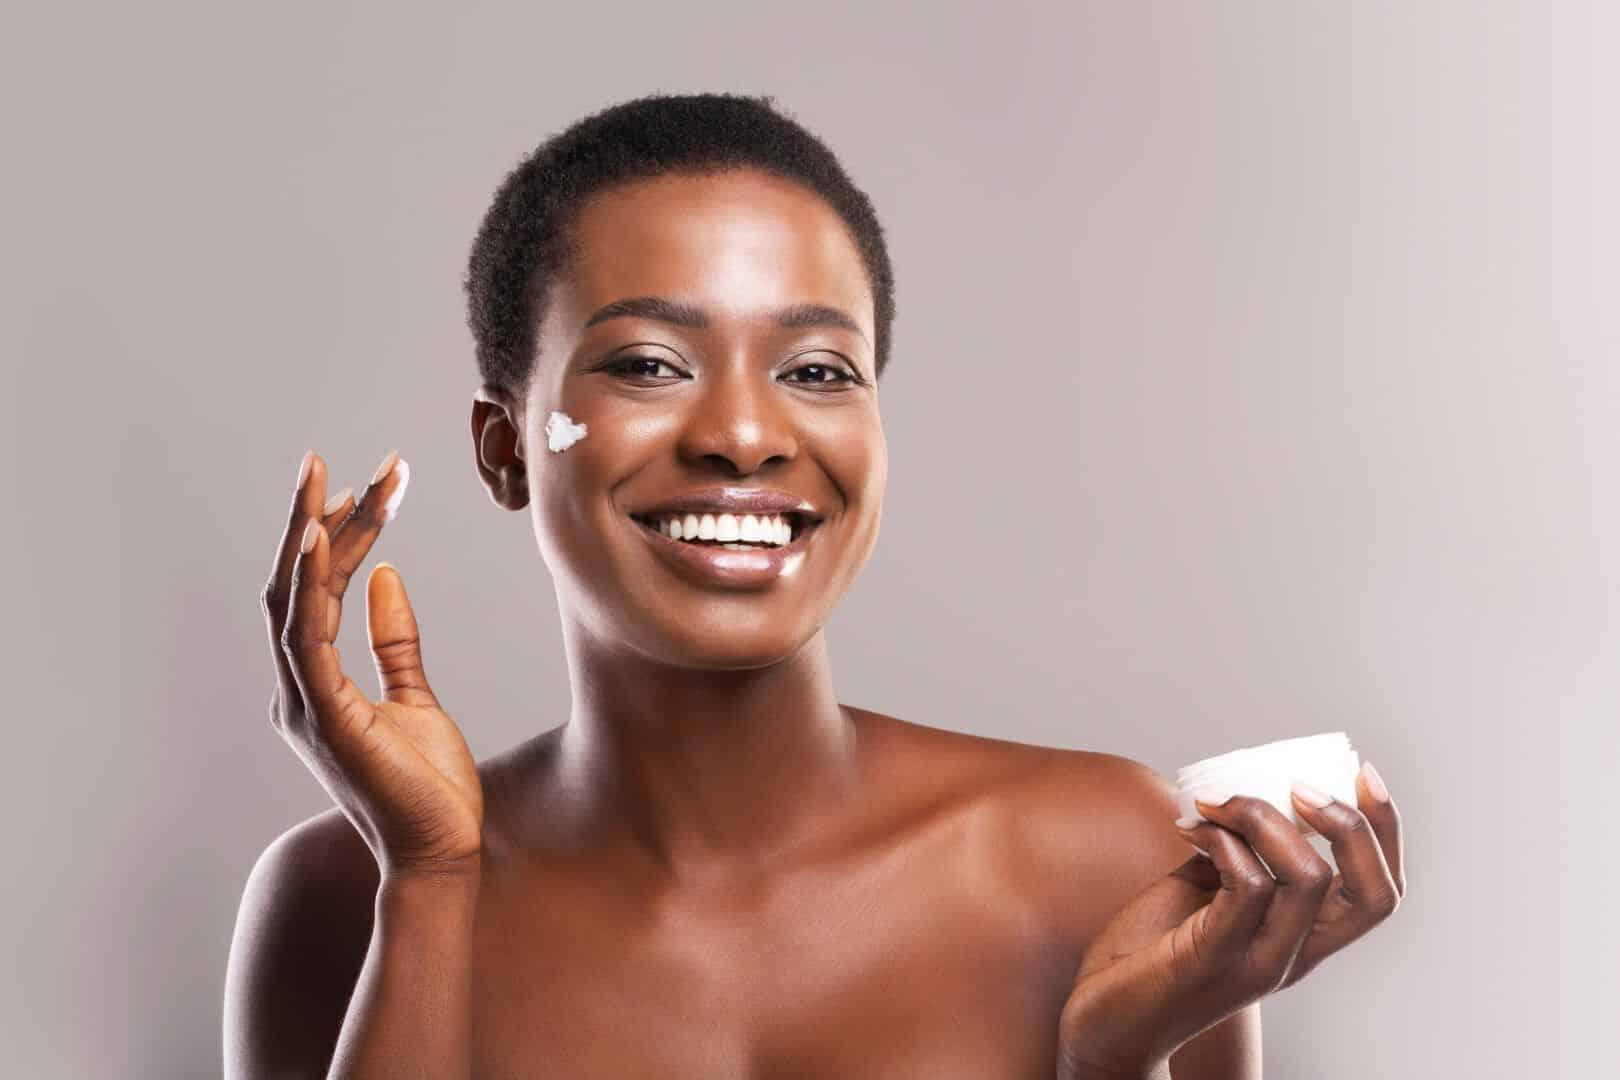 hidratar a pele faz parte da rotina de cuidados